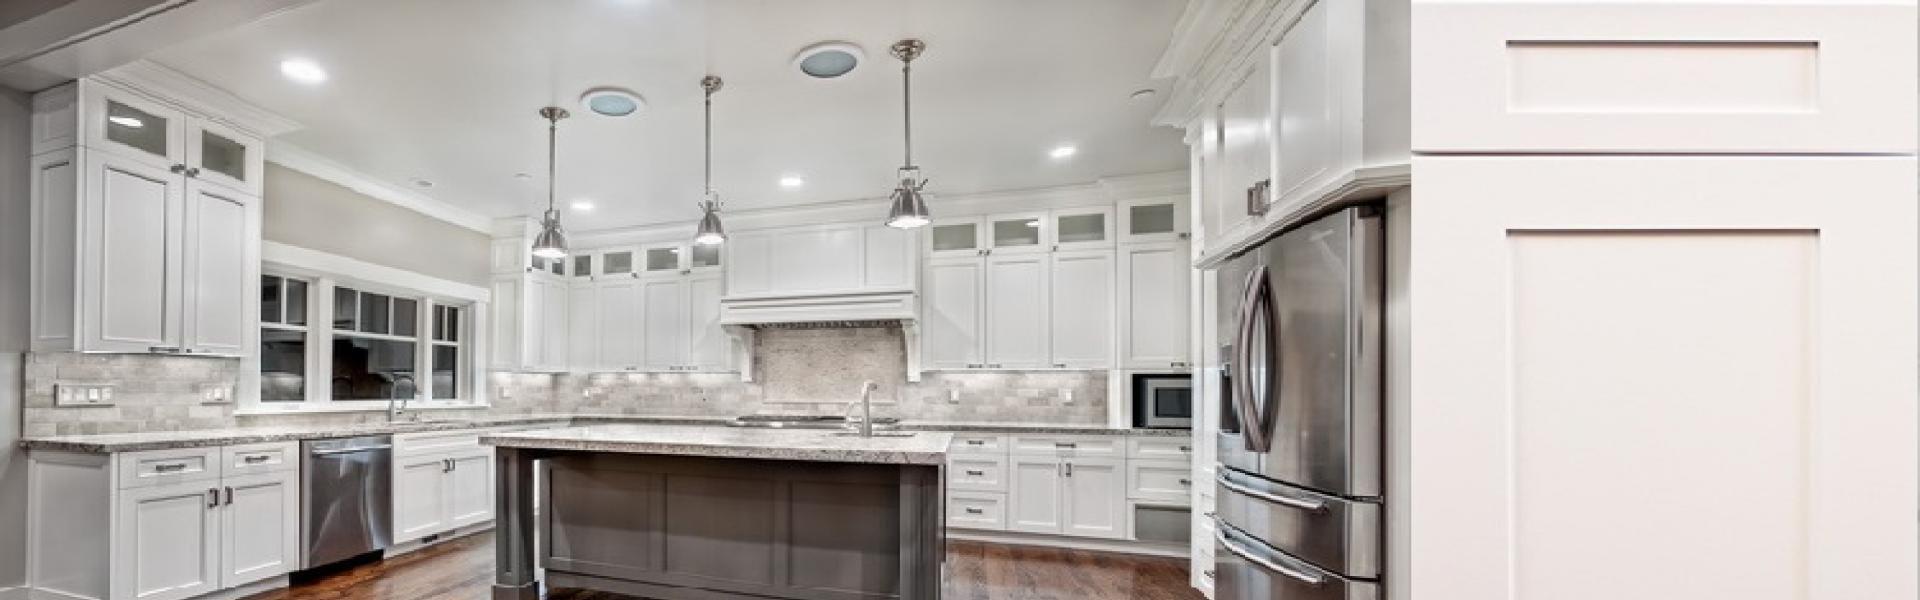 SHOWROOM - Kitchen Prefab cabinets,RTA kitchen cabinets ...